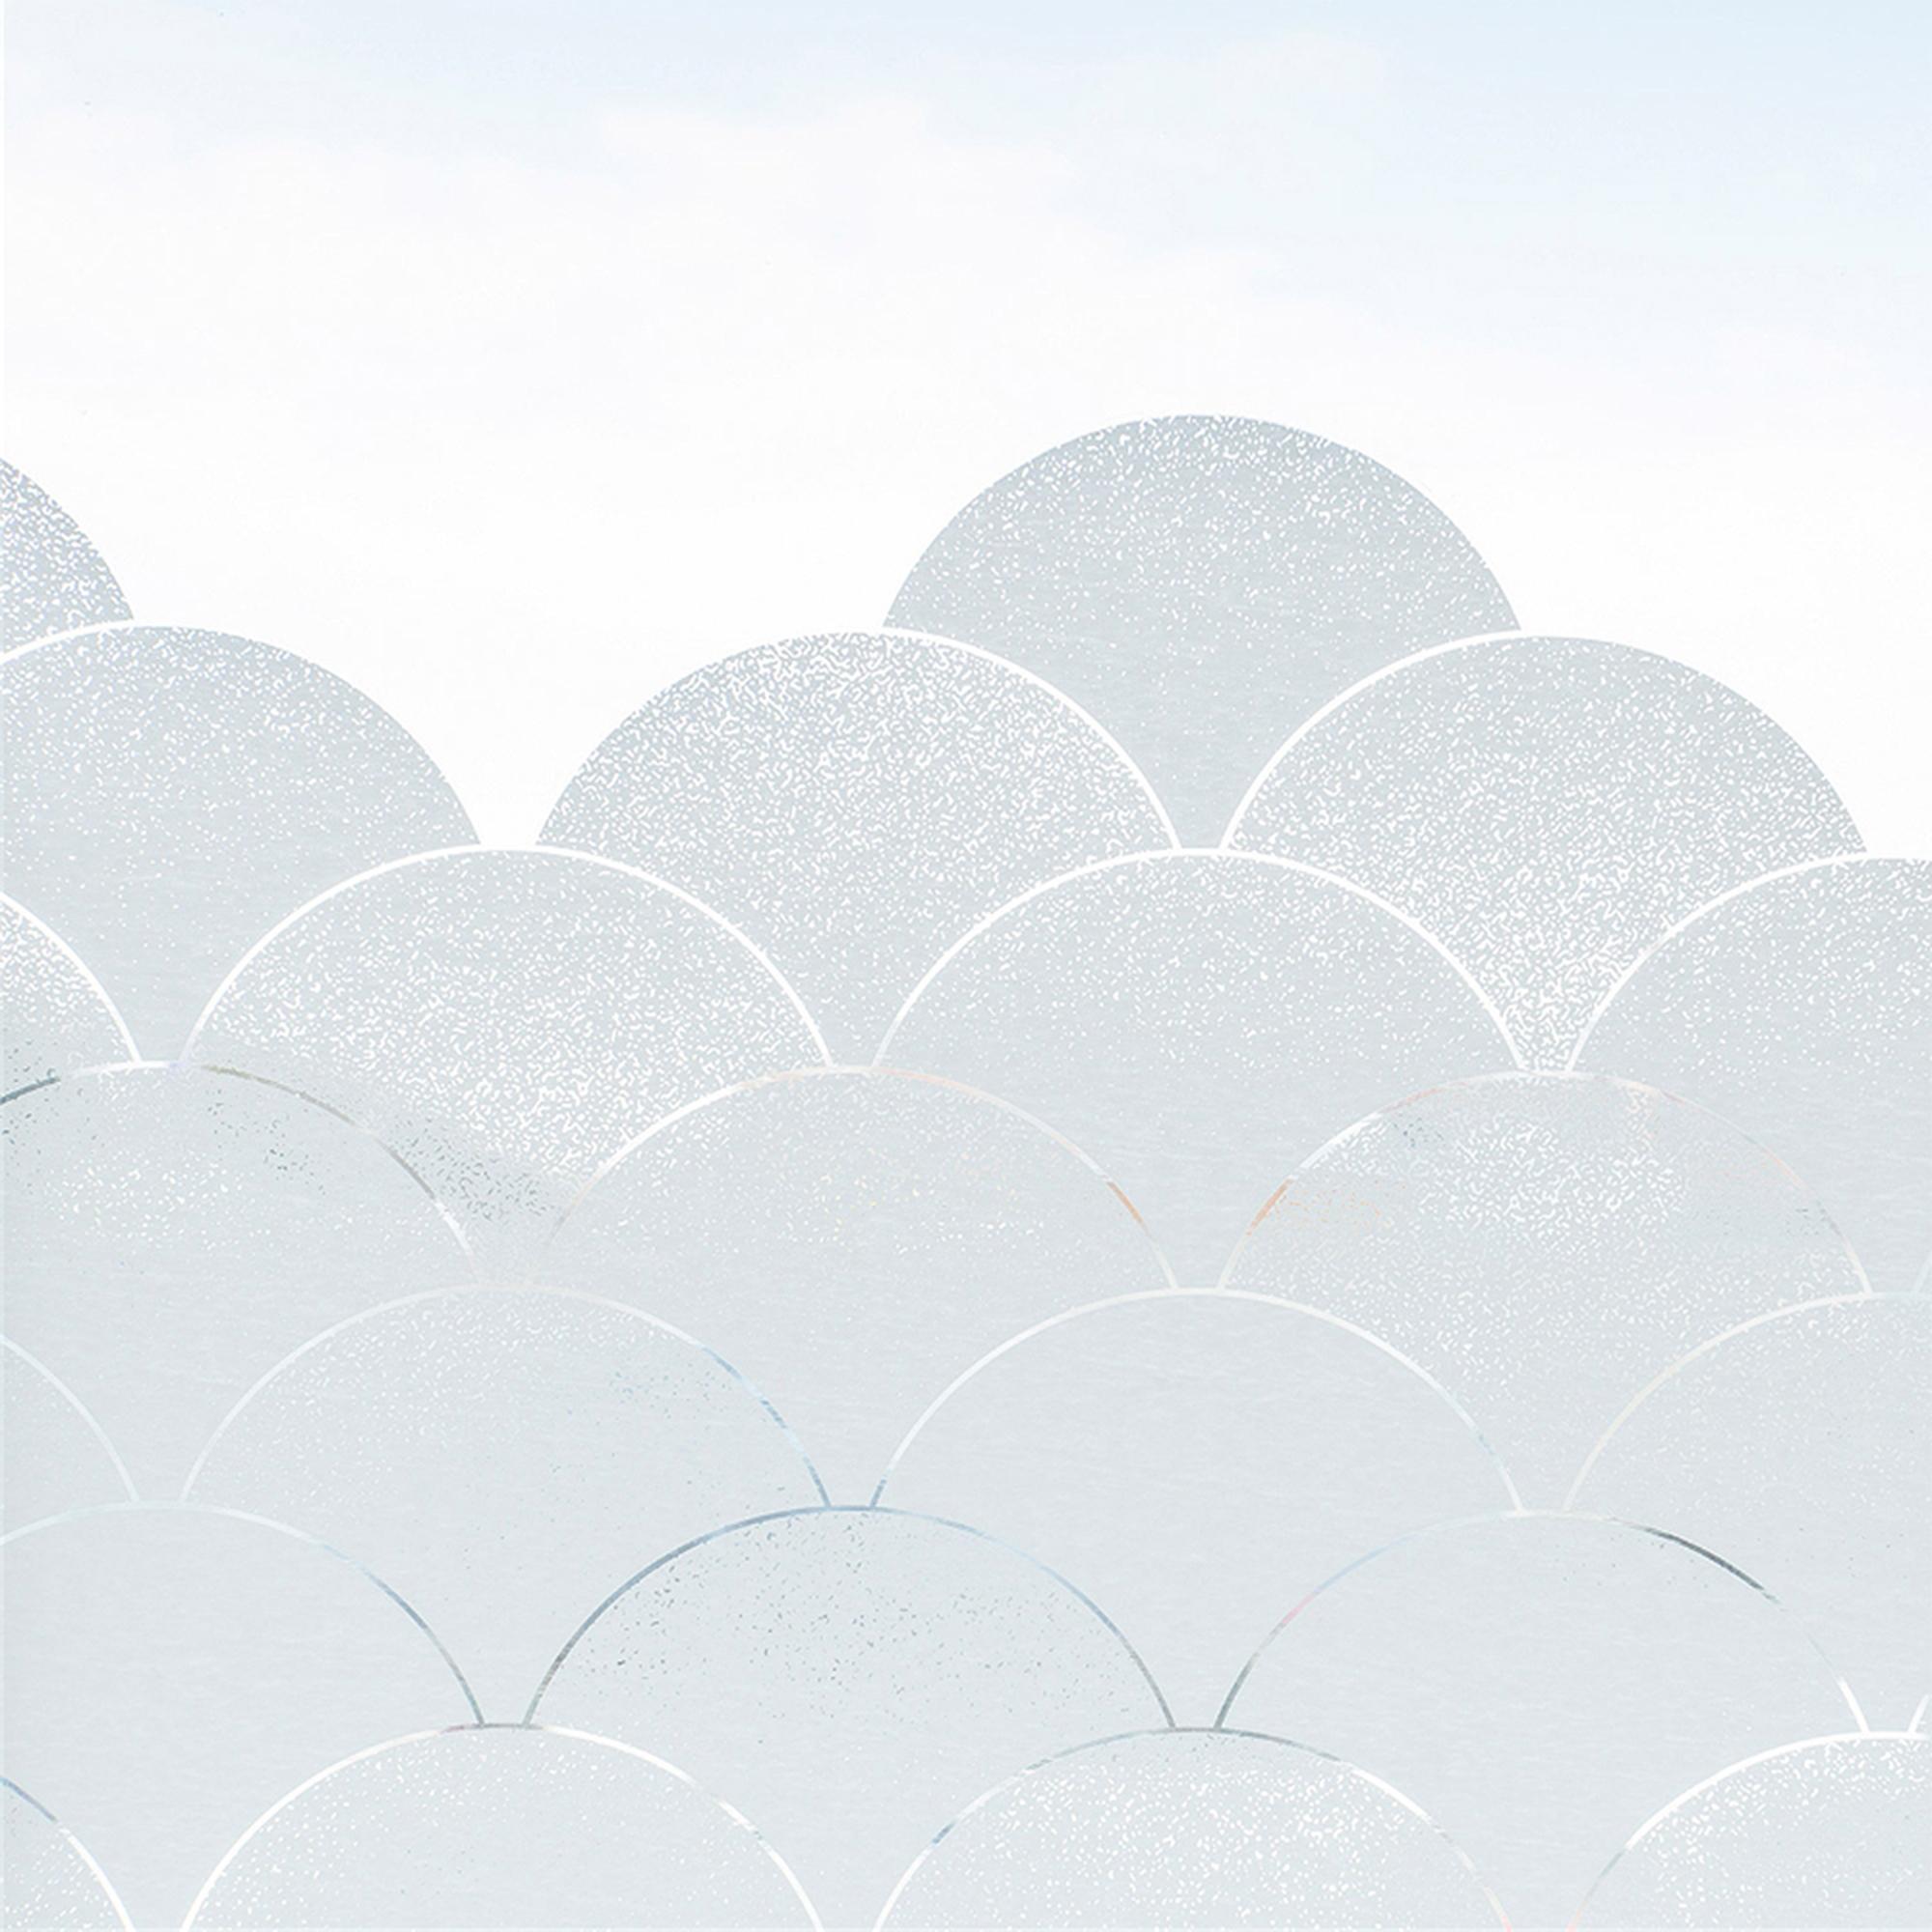 Designtorget Fönstermönster Clouds